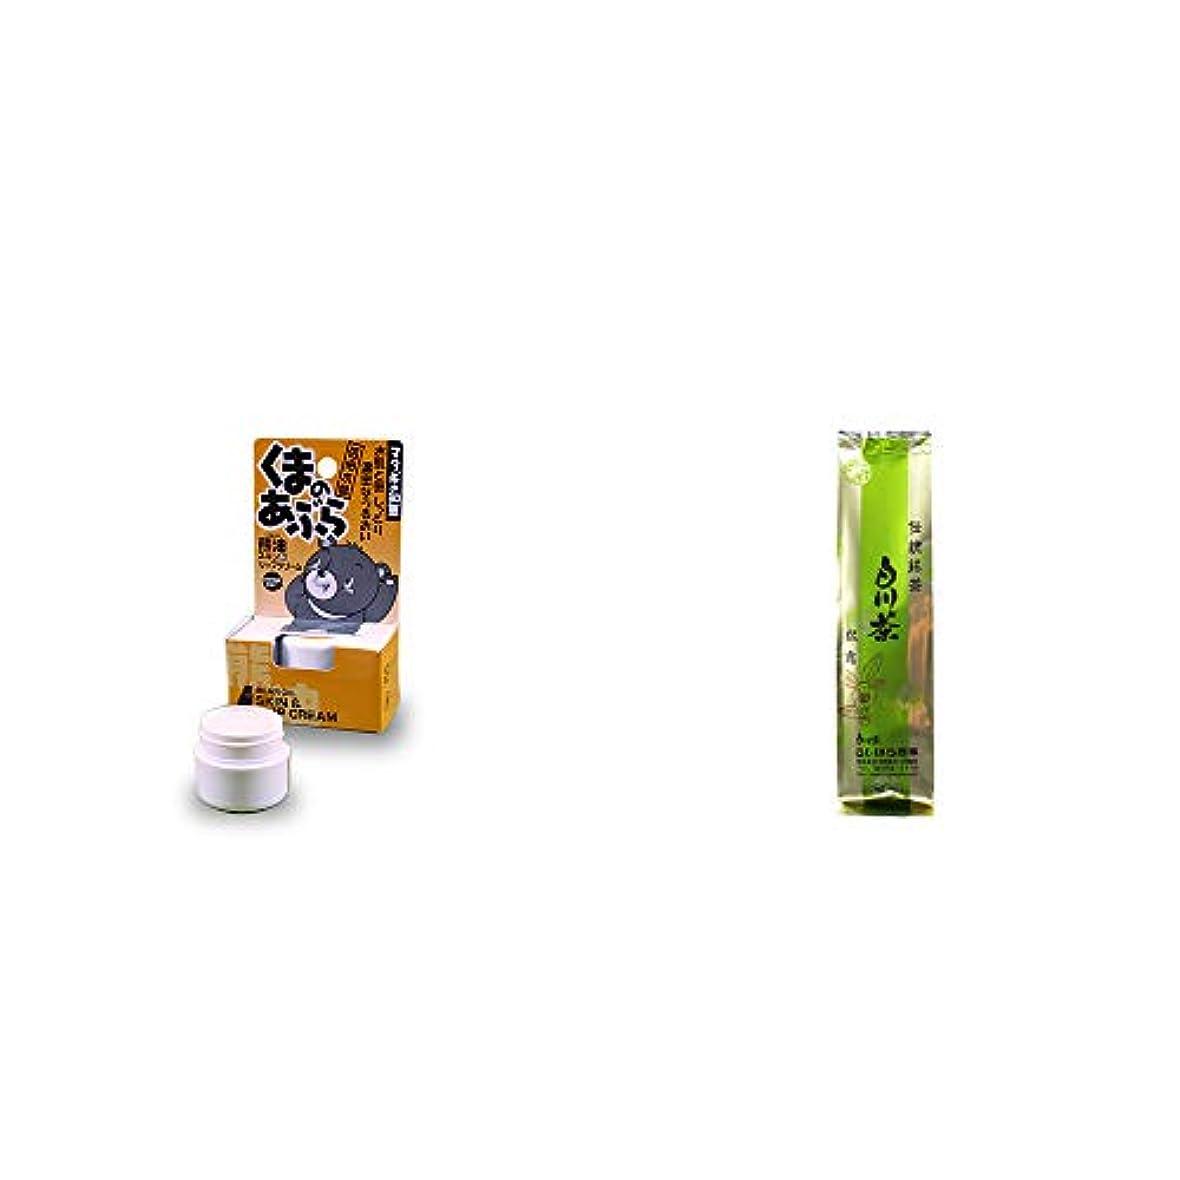 モルヒネ蒸留編集する[2点セット] 信州木曽 くまのあぶら 熊油スキン&リップクリーム(9g)?白川茶 伝統銘茶【松露】(180g)